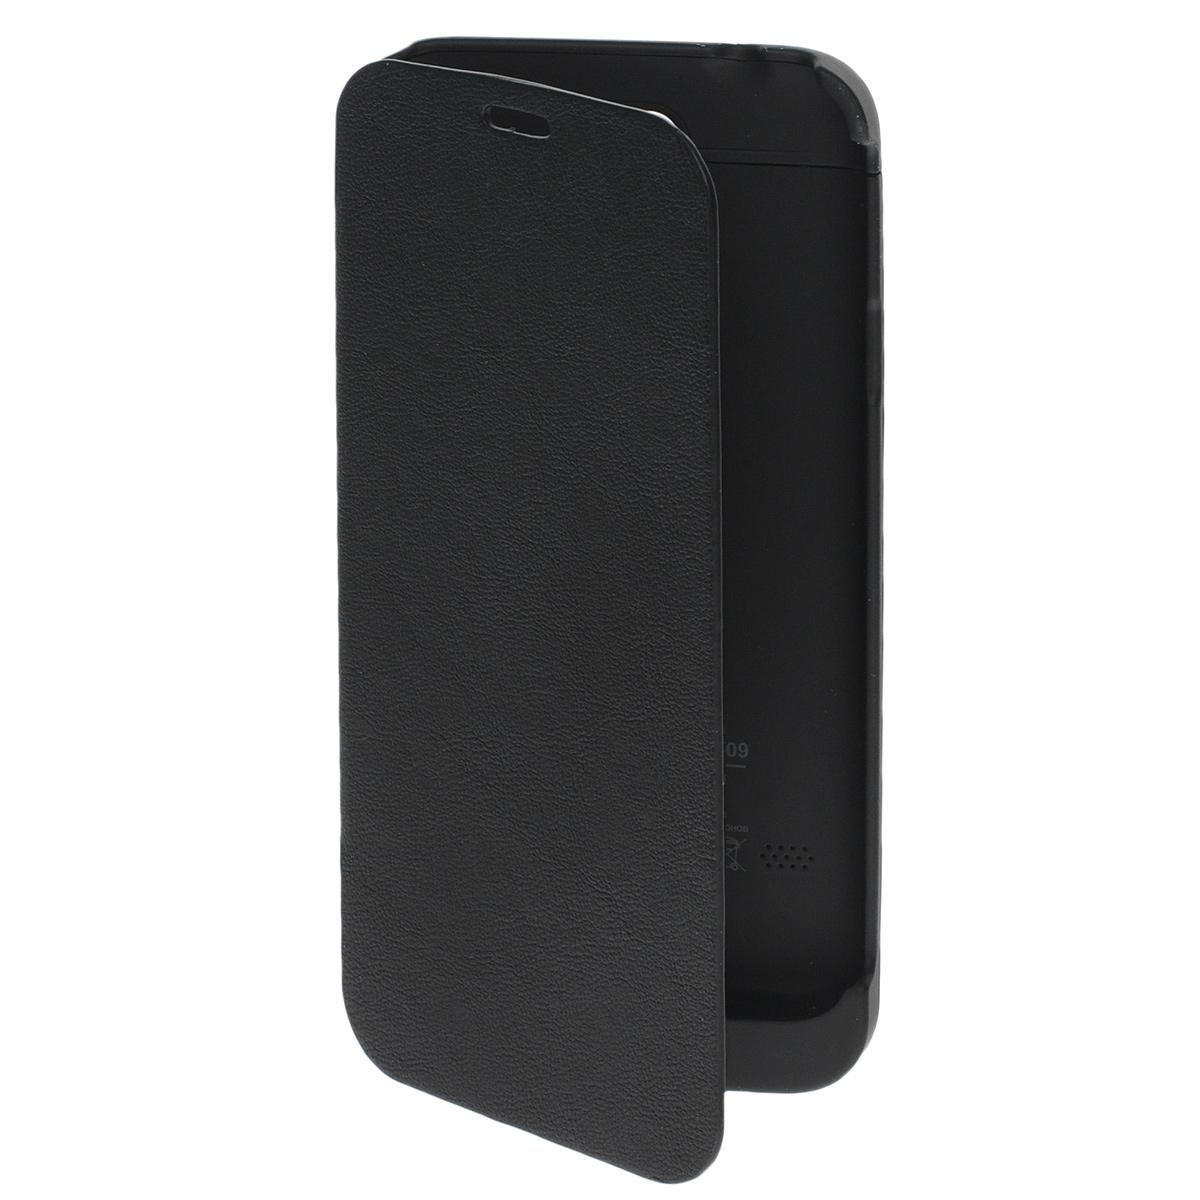 EXEQ HelpinG-SF09 чехол-аккумулятор для Samsung Galaxy S5, Black (3300 мАч, флип-кейс)HelpinG-SF09 BLЧехол-аккумулятор Exeq HelpinG-SF09 – практичный аксессуар для смартфона Samsung Galaxy S5! Exeq Helping-SF09 надежно защитит телефон от внешнего воздействия – ударов, грязи, царапин, а встроенная в аксессуар батарея емкостью в 3300 мАч обеспечит подзарядку аккумулятора телефона в самые необходимые моменты. Элегантный дизайн, классические формы и качественный пластик удачно дополнят совершенный дизайн смартфона Samsung Galaxy S5, незначительно при этом увеличив его габариты и вес.В качестве приятного дополнения Exeq HelpinG-SF09 имеет откидывающуюся подставку. Специальная конструкция чехла с выдвижной верхней частью позволит удобно и надежно поместить телефон в чехол, а при необходимости легко и быстро достать телефон из чехла. Хотя извлекать телефон из надежного Exeq HelpinG-SF09 вам вряд ли понадобится – заряжать телефон можно непосредственно в чехле, подключив к нему зарядное устройство телефона и нажав кнопку питания на чехле. Если кнопку питания не нажимать, то будет происходить зарядка чехла-аккумулятора. Аналогично происходит и подключение телефона к компьютеру – чехол-аккумулятор обеспечивает идеальную передачу данных между смартфоном и другими электронными устройствами.